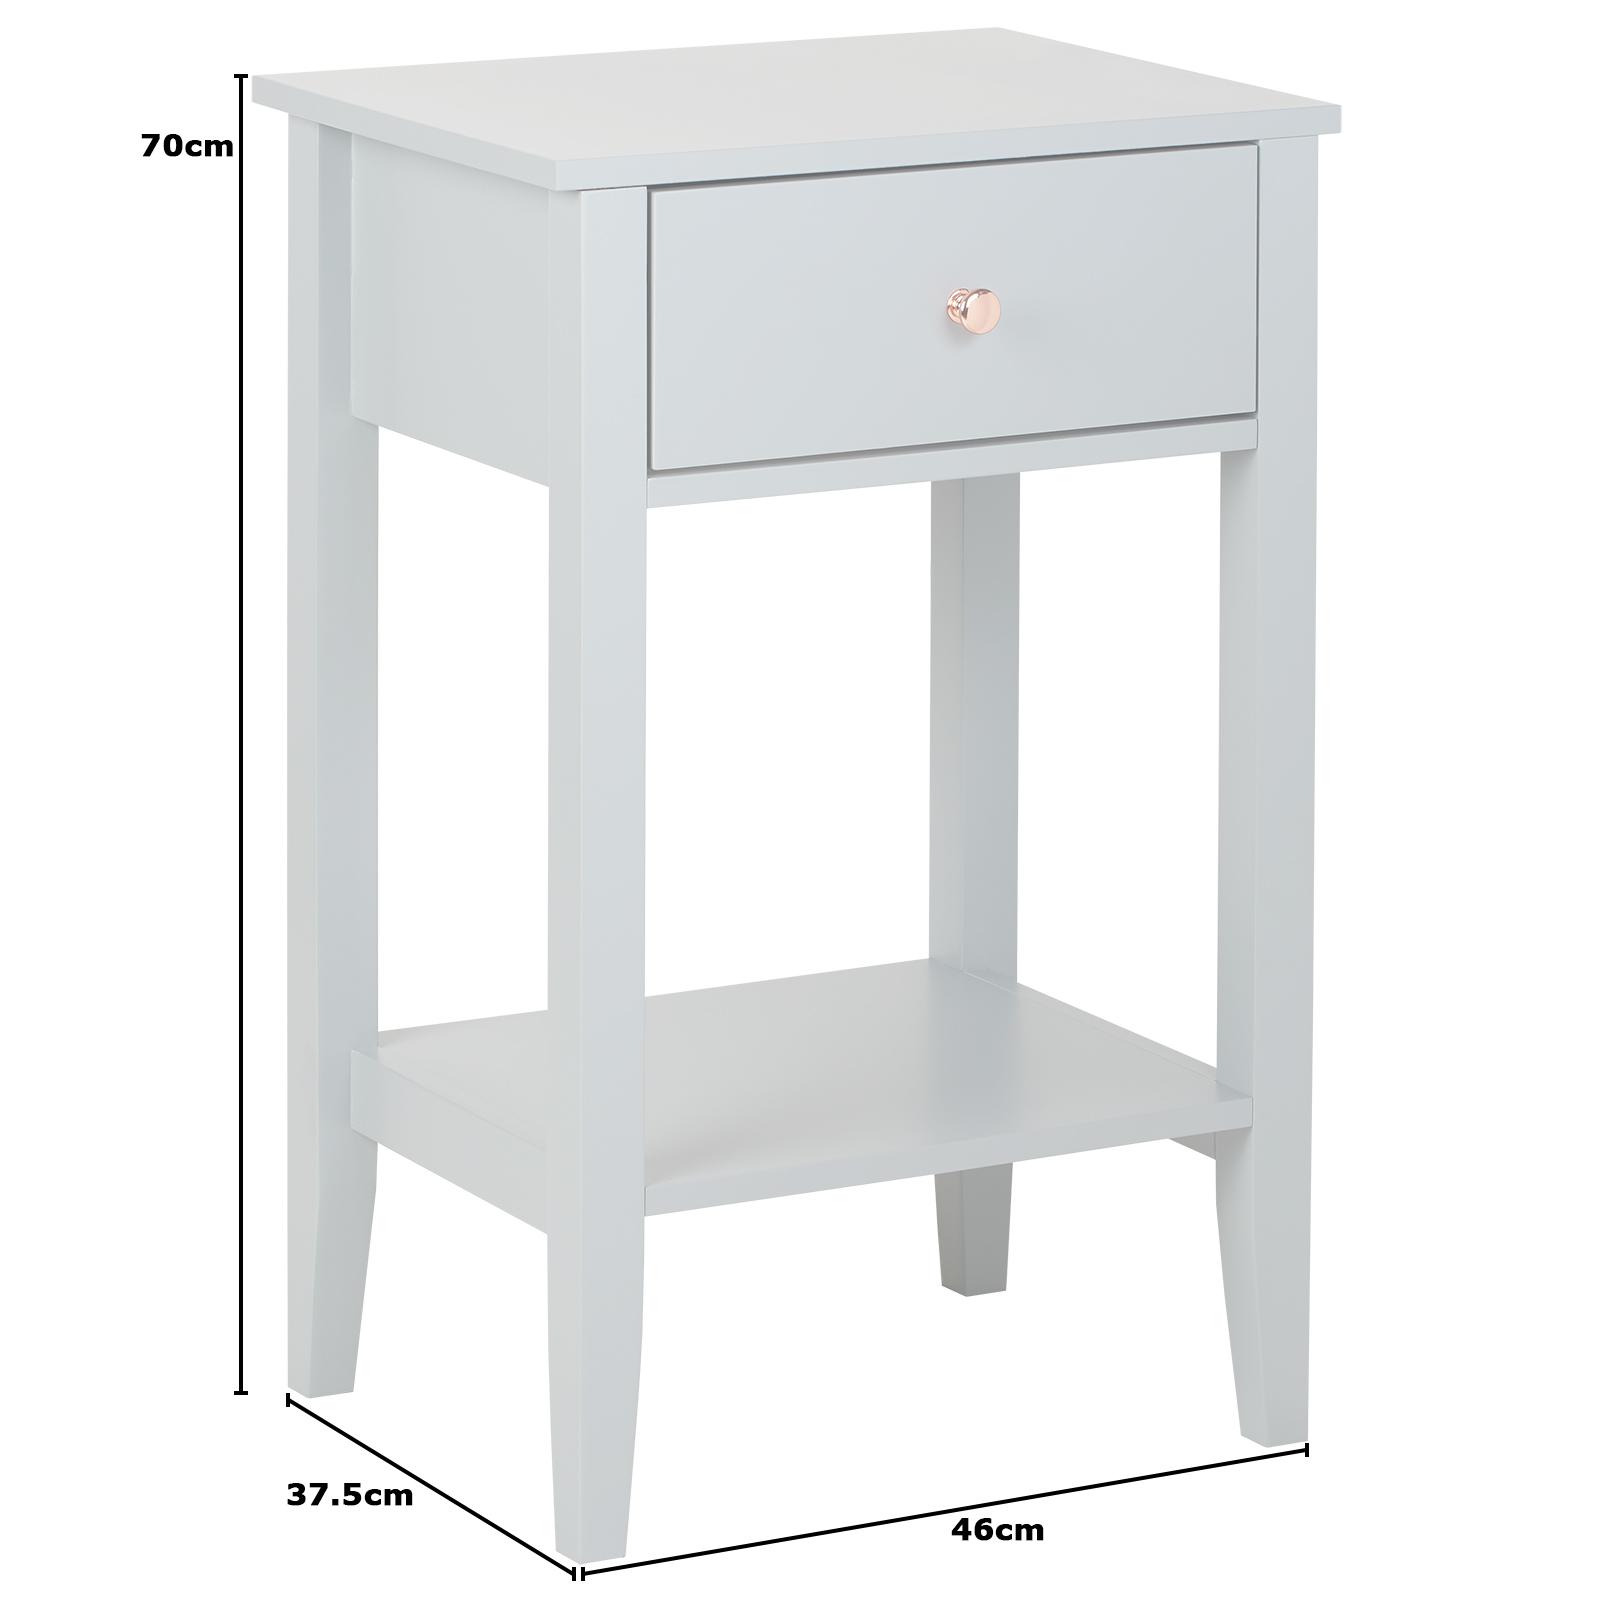 Hartleys Grey Rose Gold Table Bedroom Living Room Side Bedside Nightstand 5051990767096 Ebay